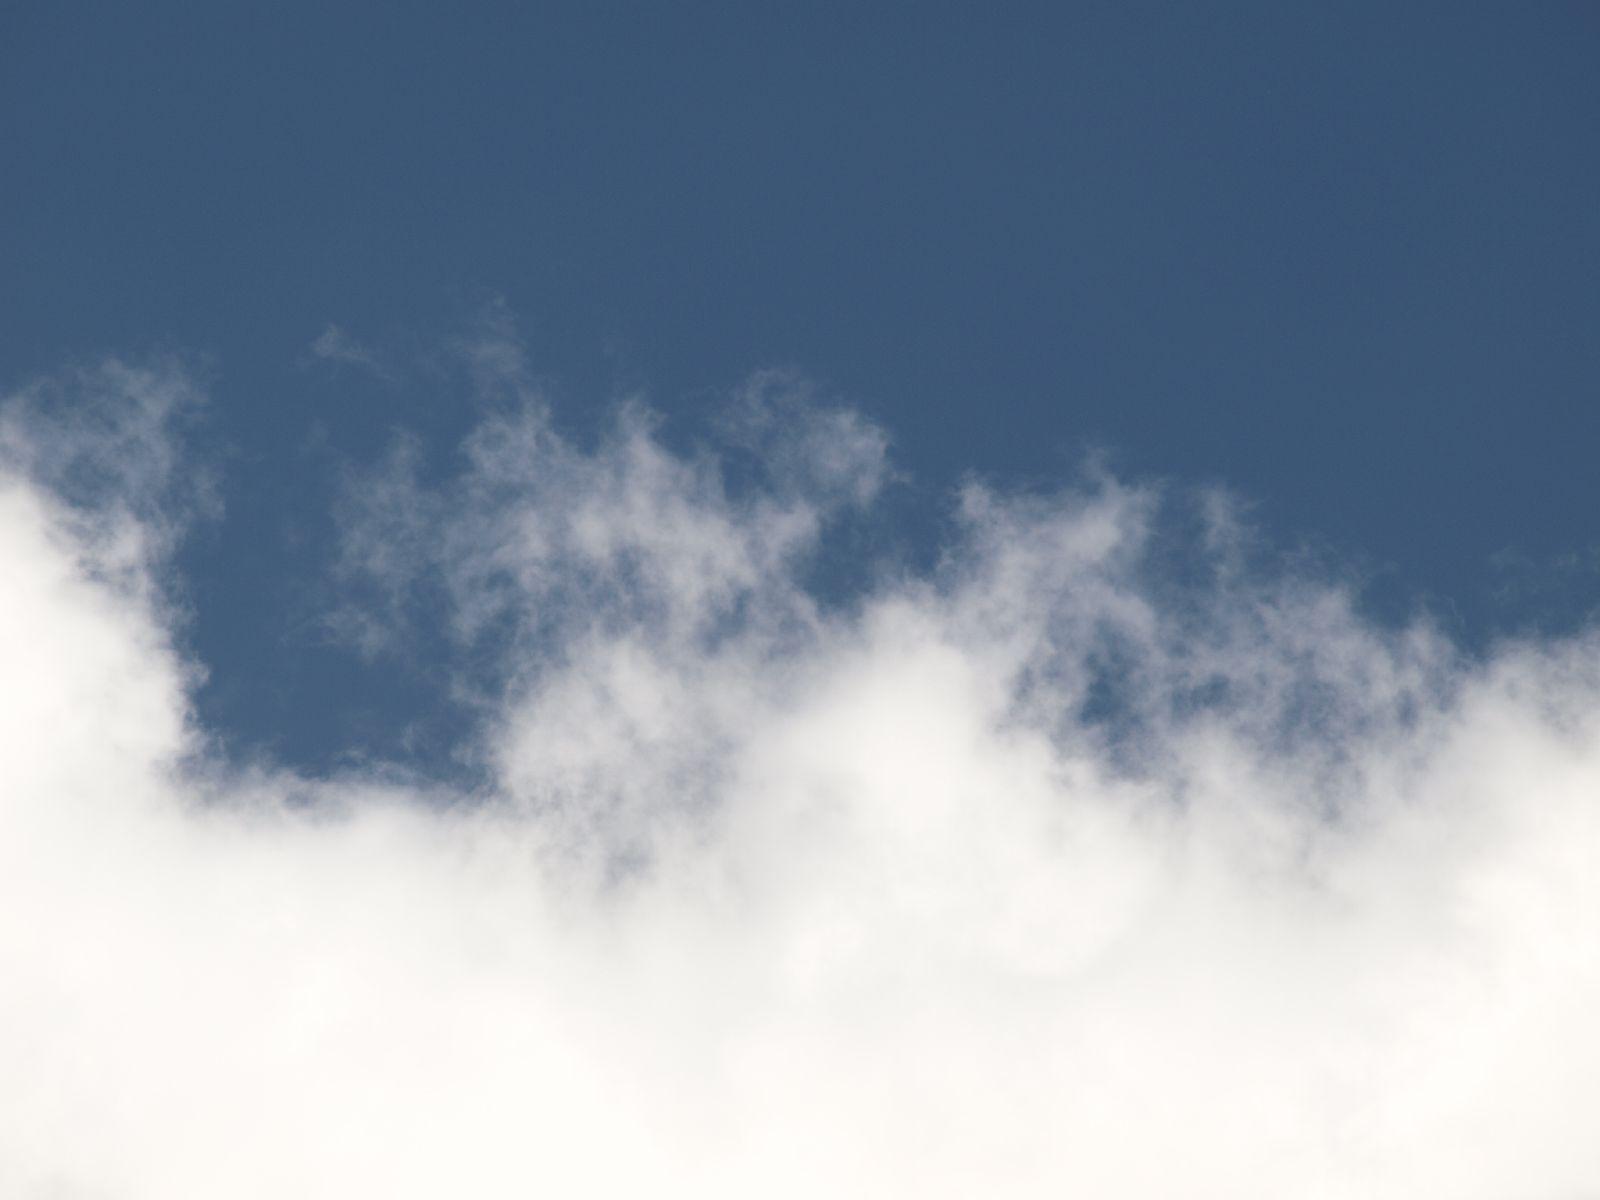 Himmel-Wolken-Foto_Textur_A_P8289270